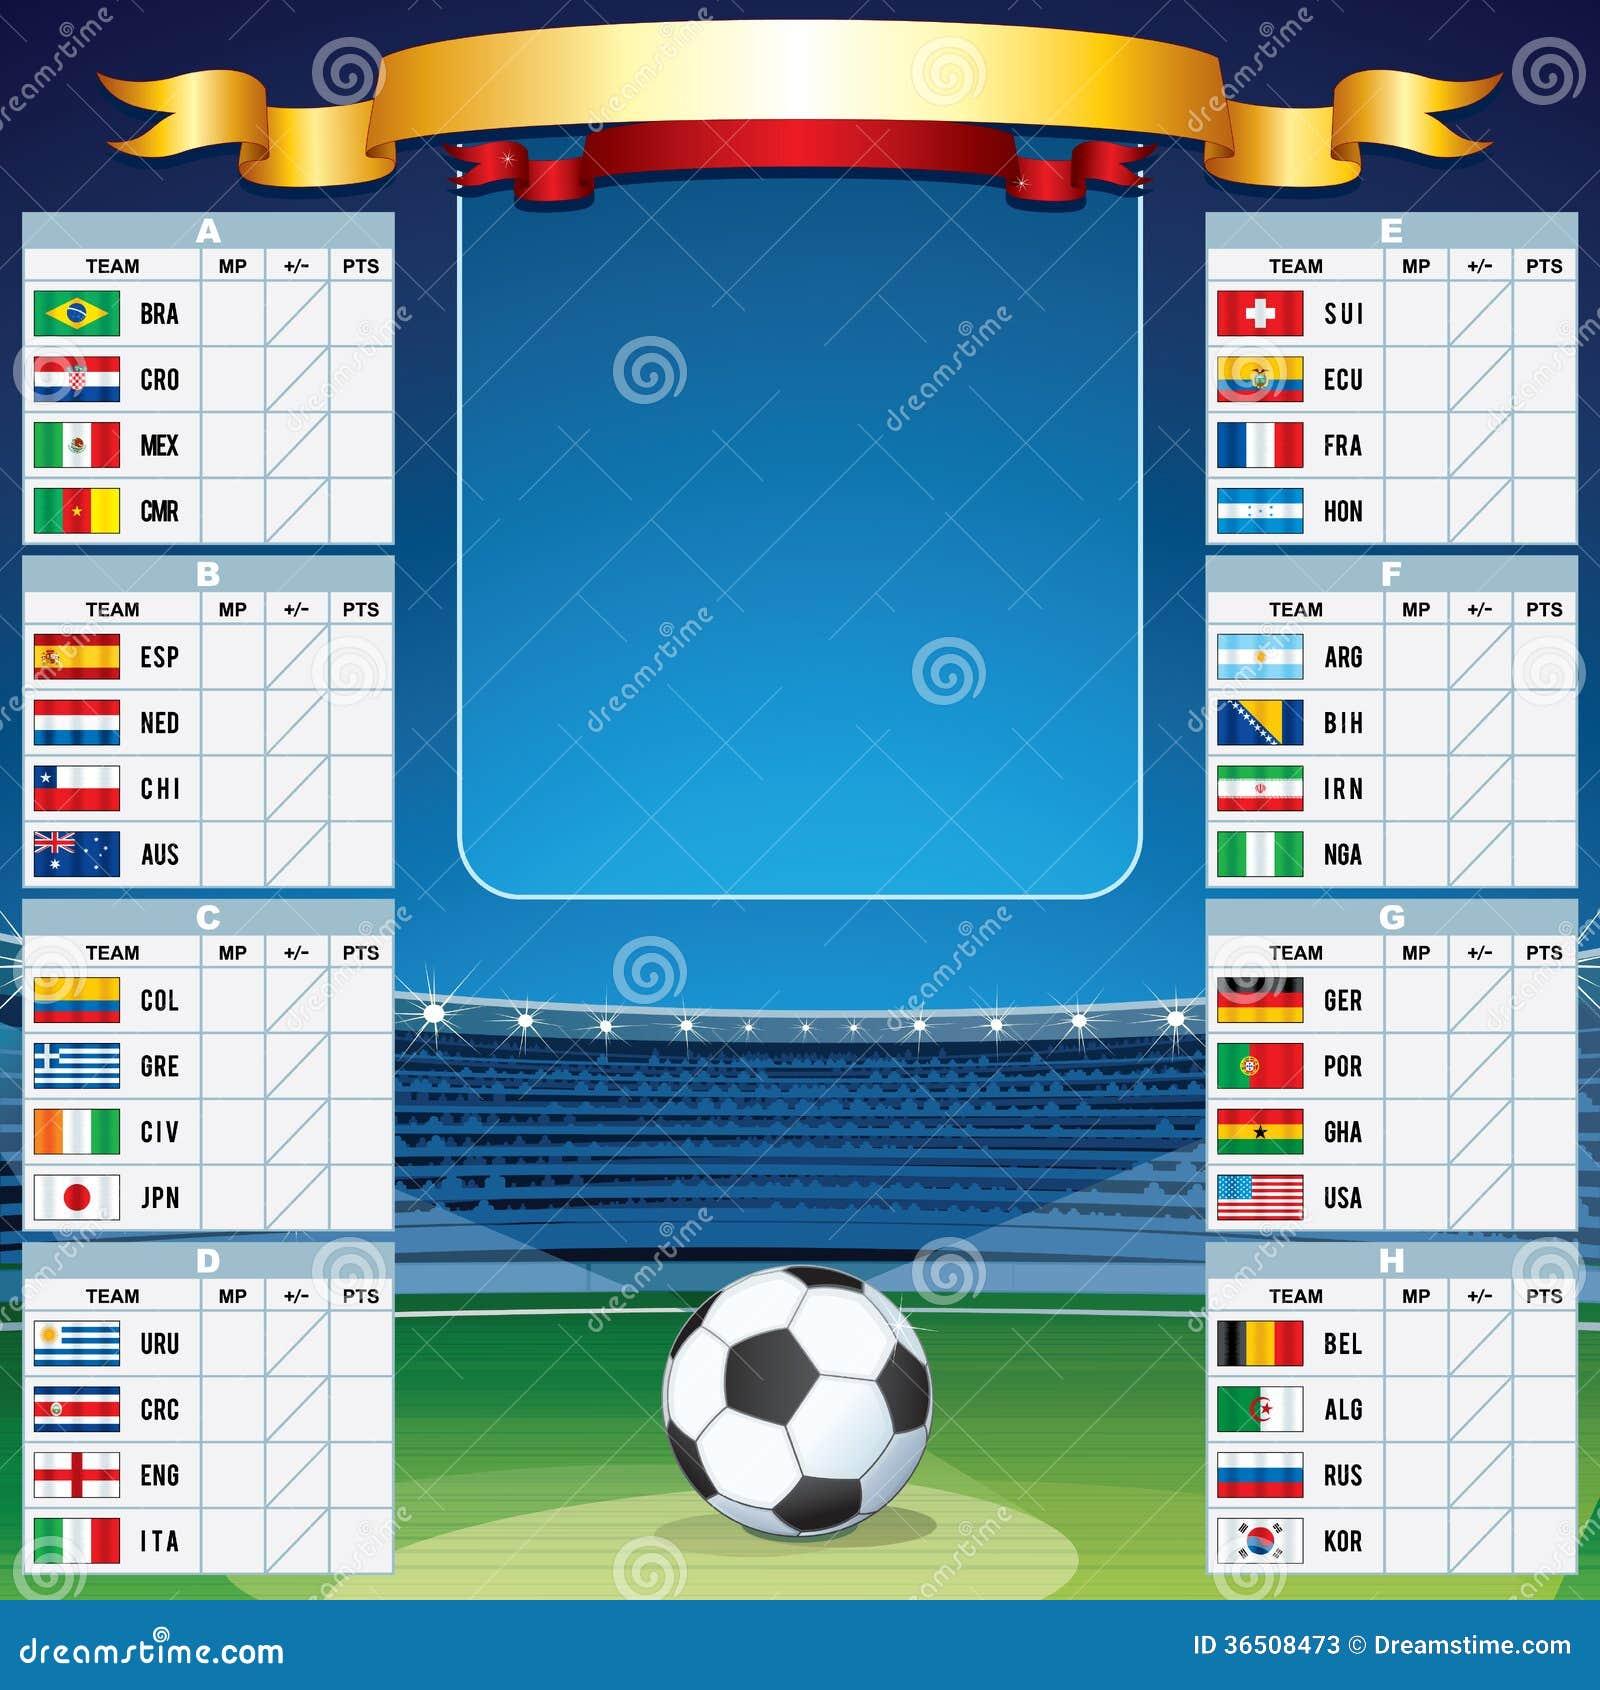 Copa Mundial de Fútbol de 2014 - Wikipedia, la